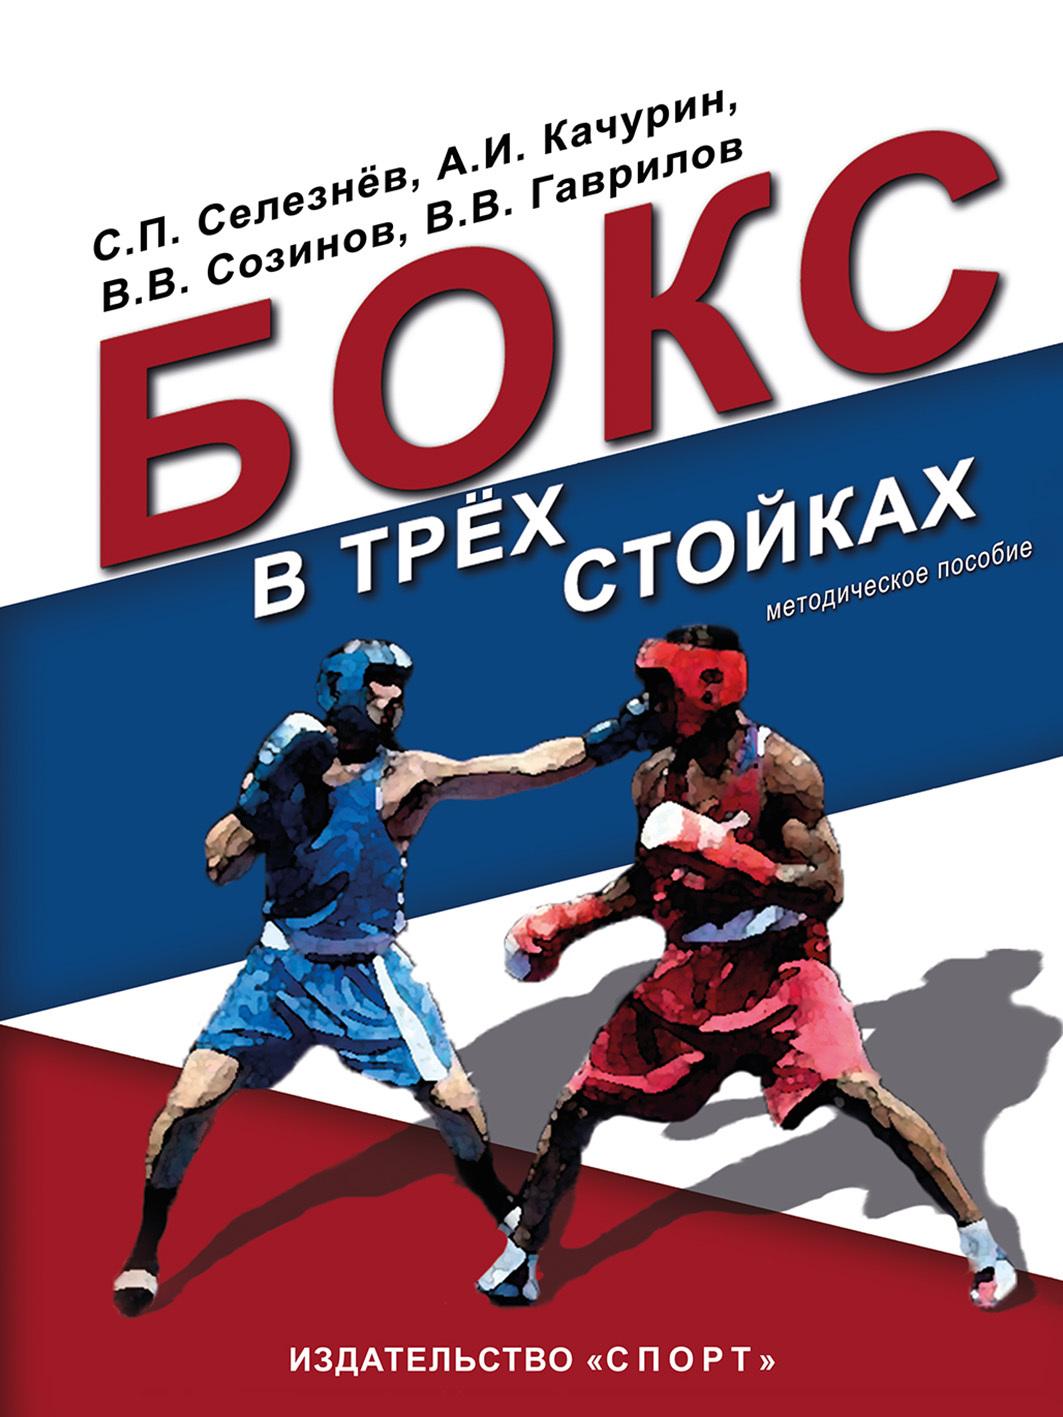 Бокс в трёх стойках. Учебно-методическое пособие для тренеров-преподавателей и боксёров высшей квалификации